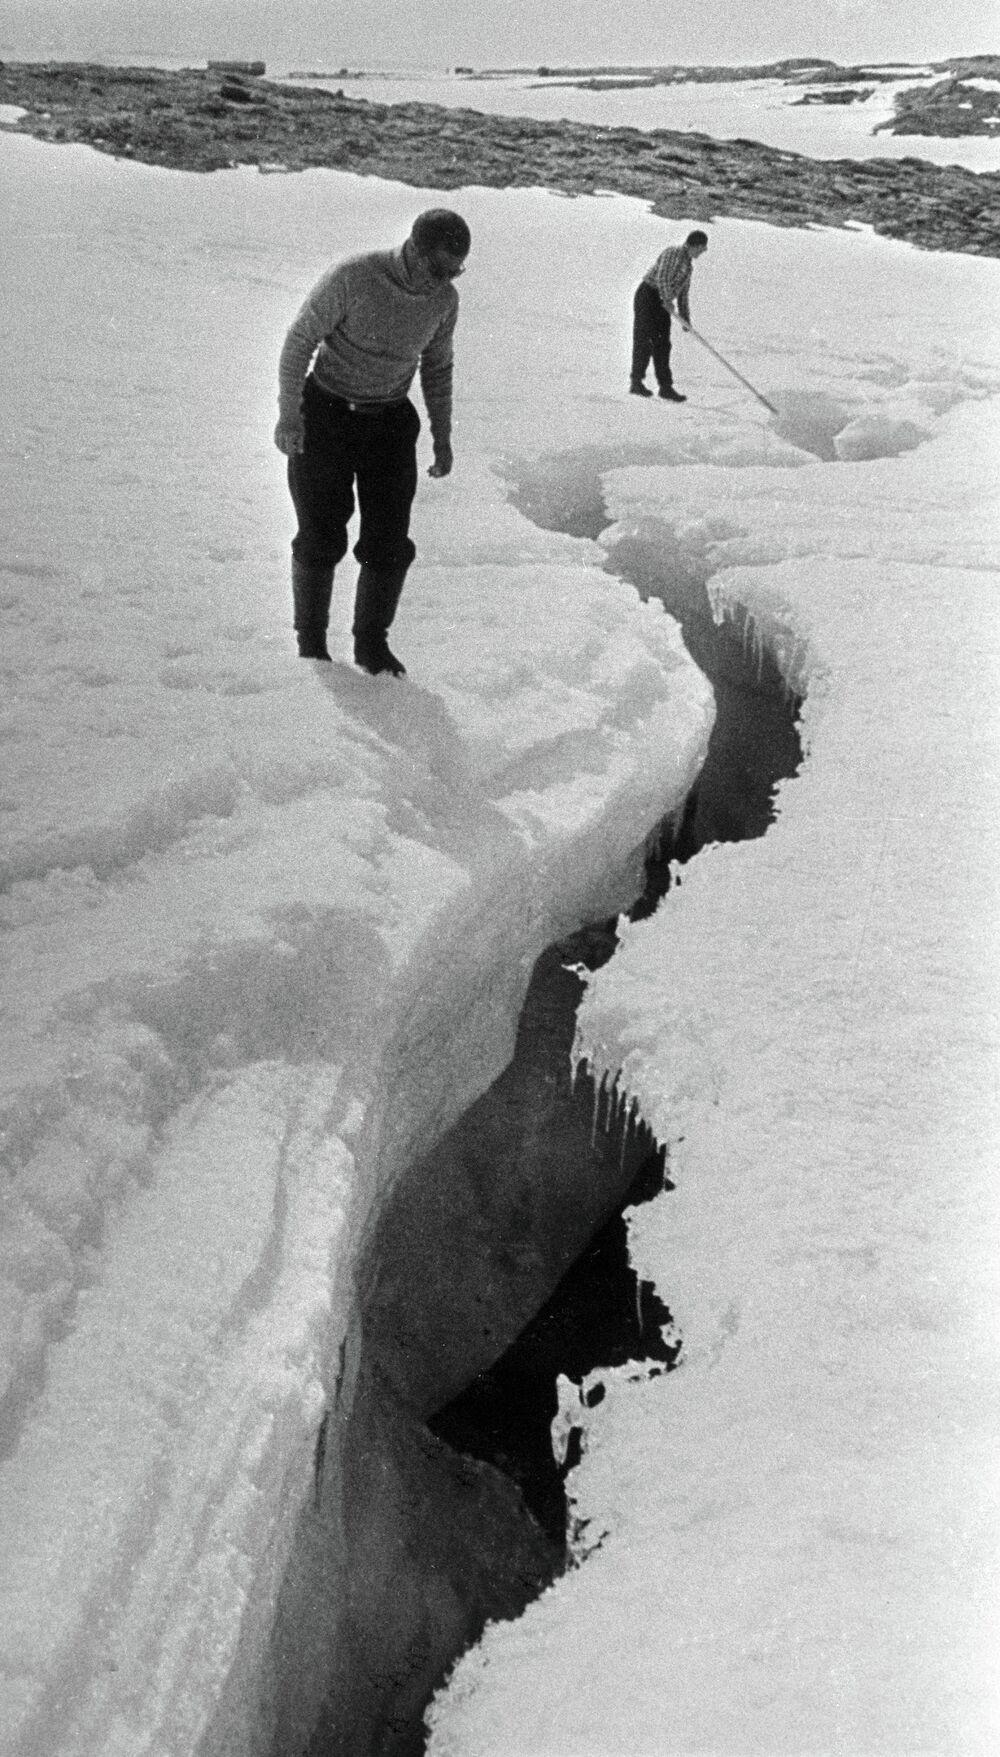 Exploradores polares junto a uma fenda profunda no gelo da Antártida